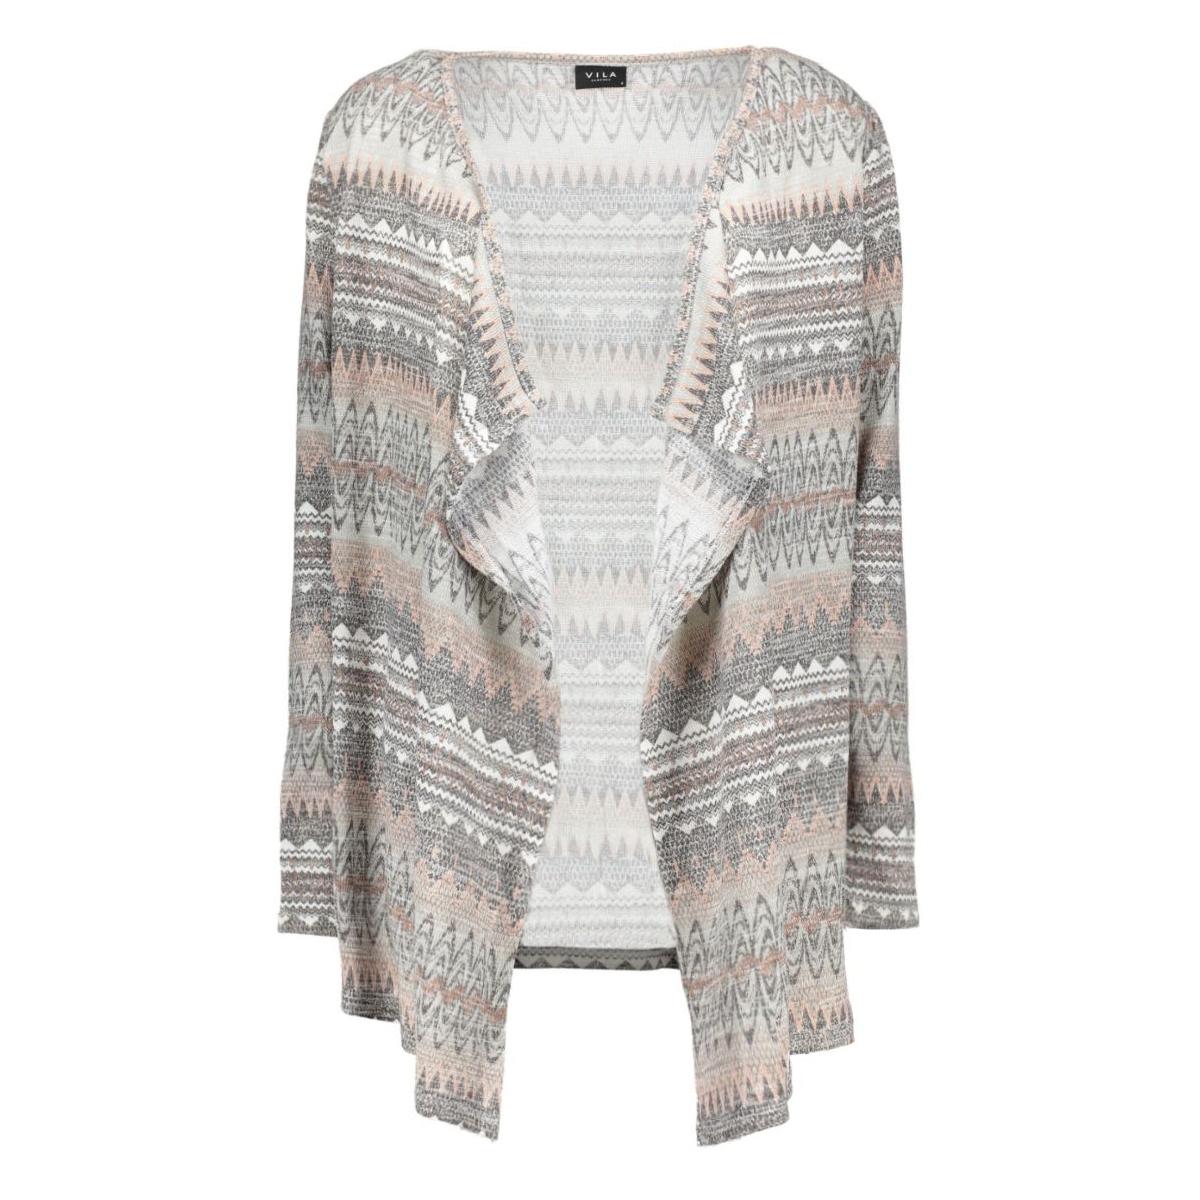 vitika l/s knit cardigan 14039350 vila vest rose dust